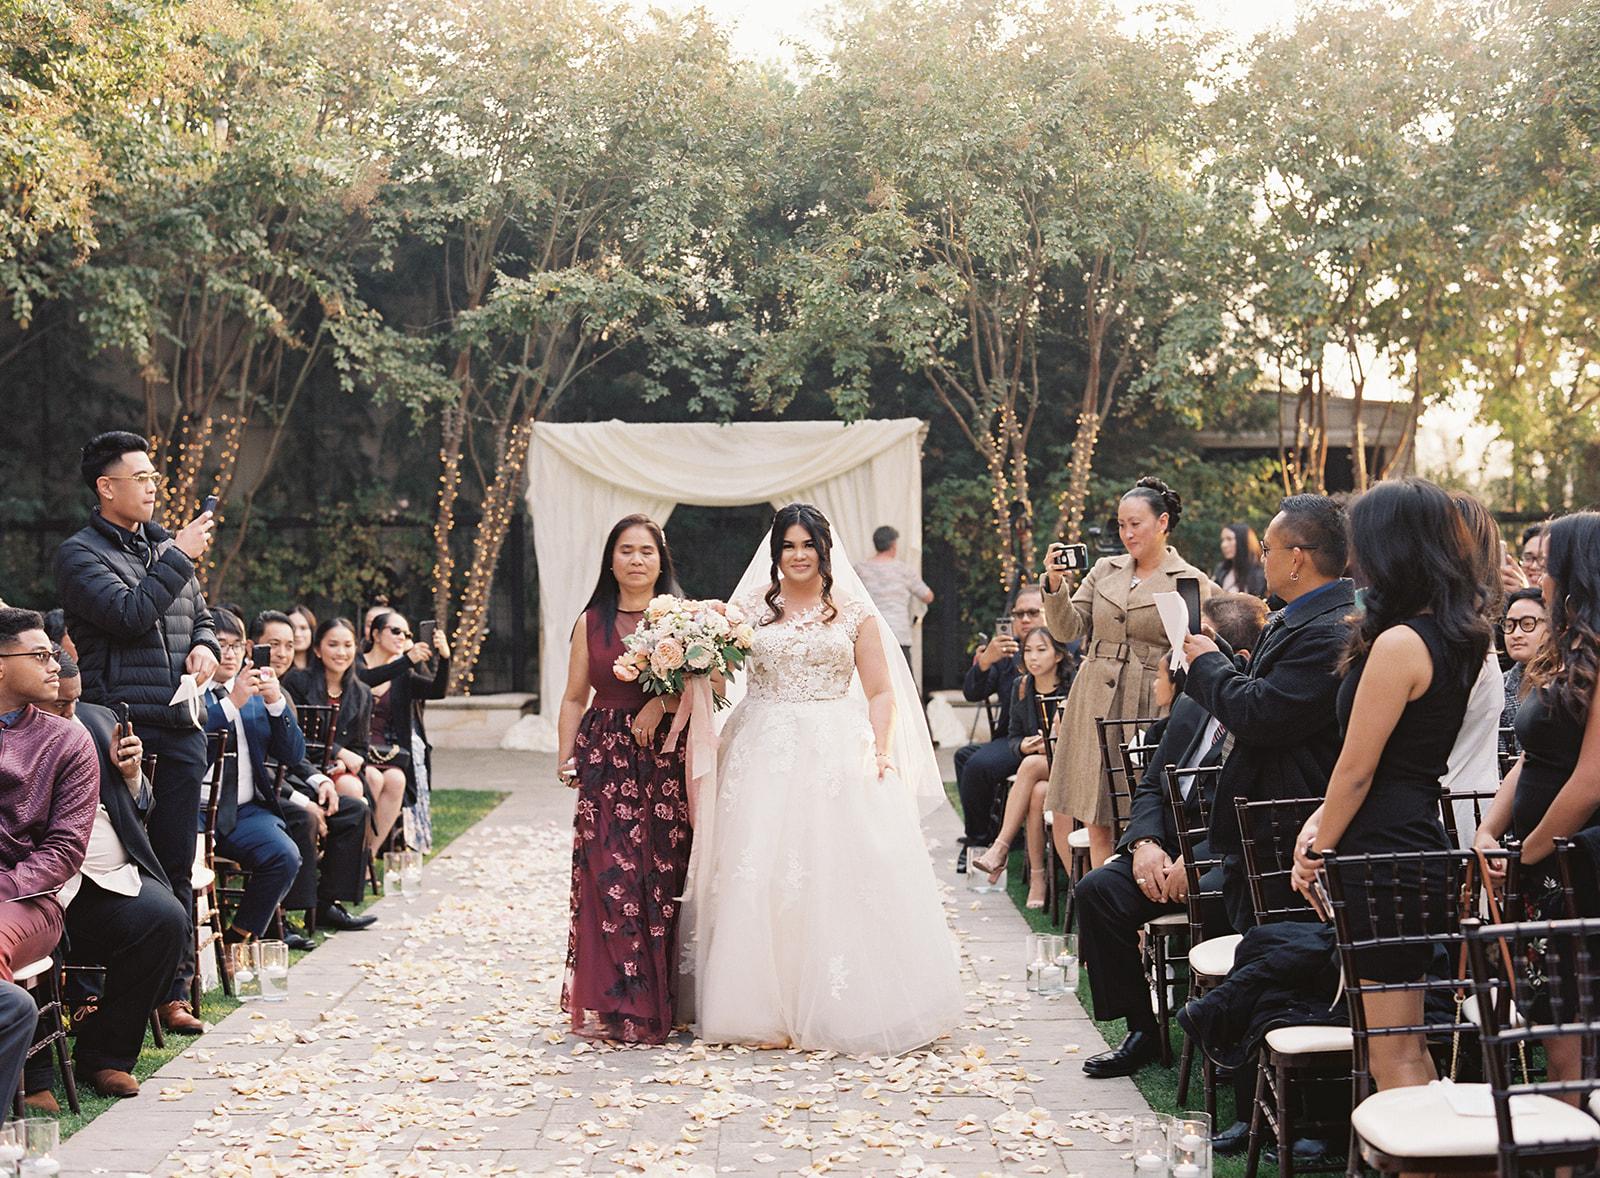 NathalieChengPhotography_AiahMichael_Wedding_452.jpg